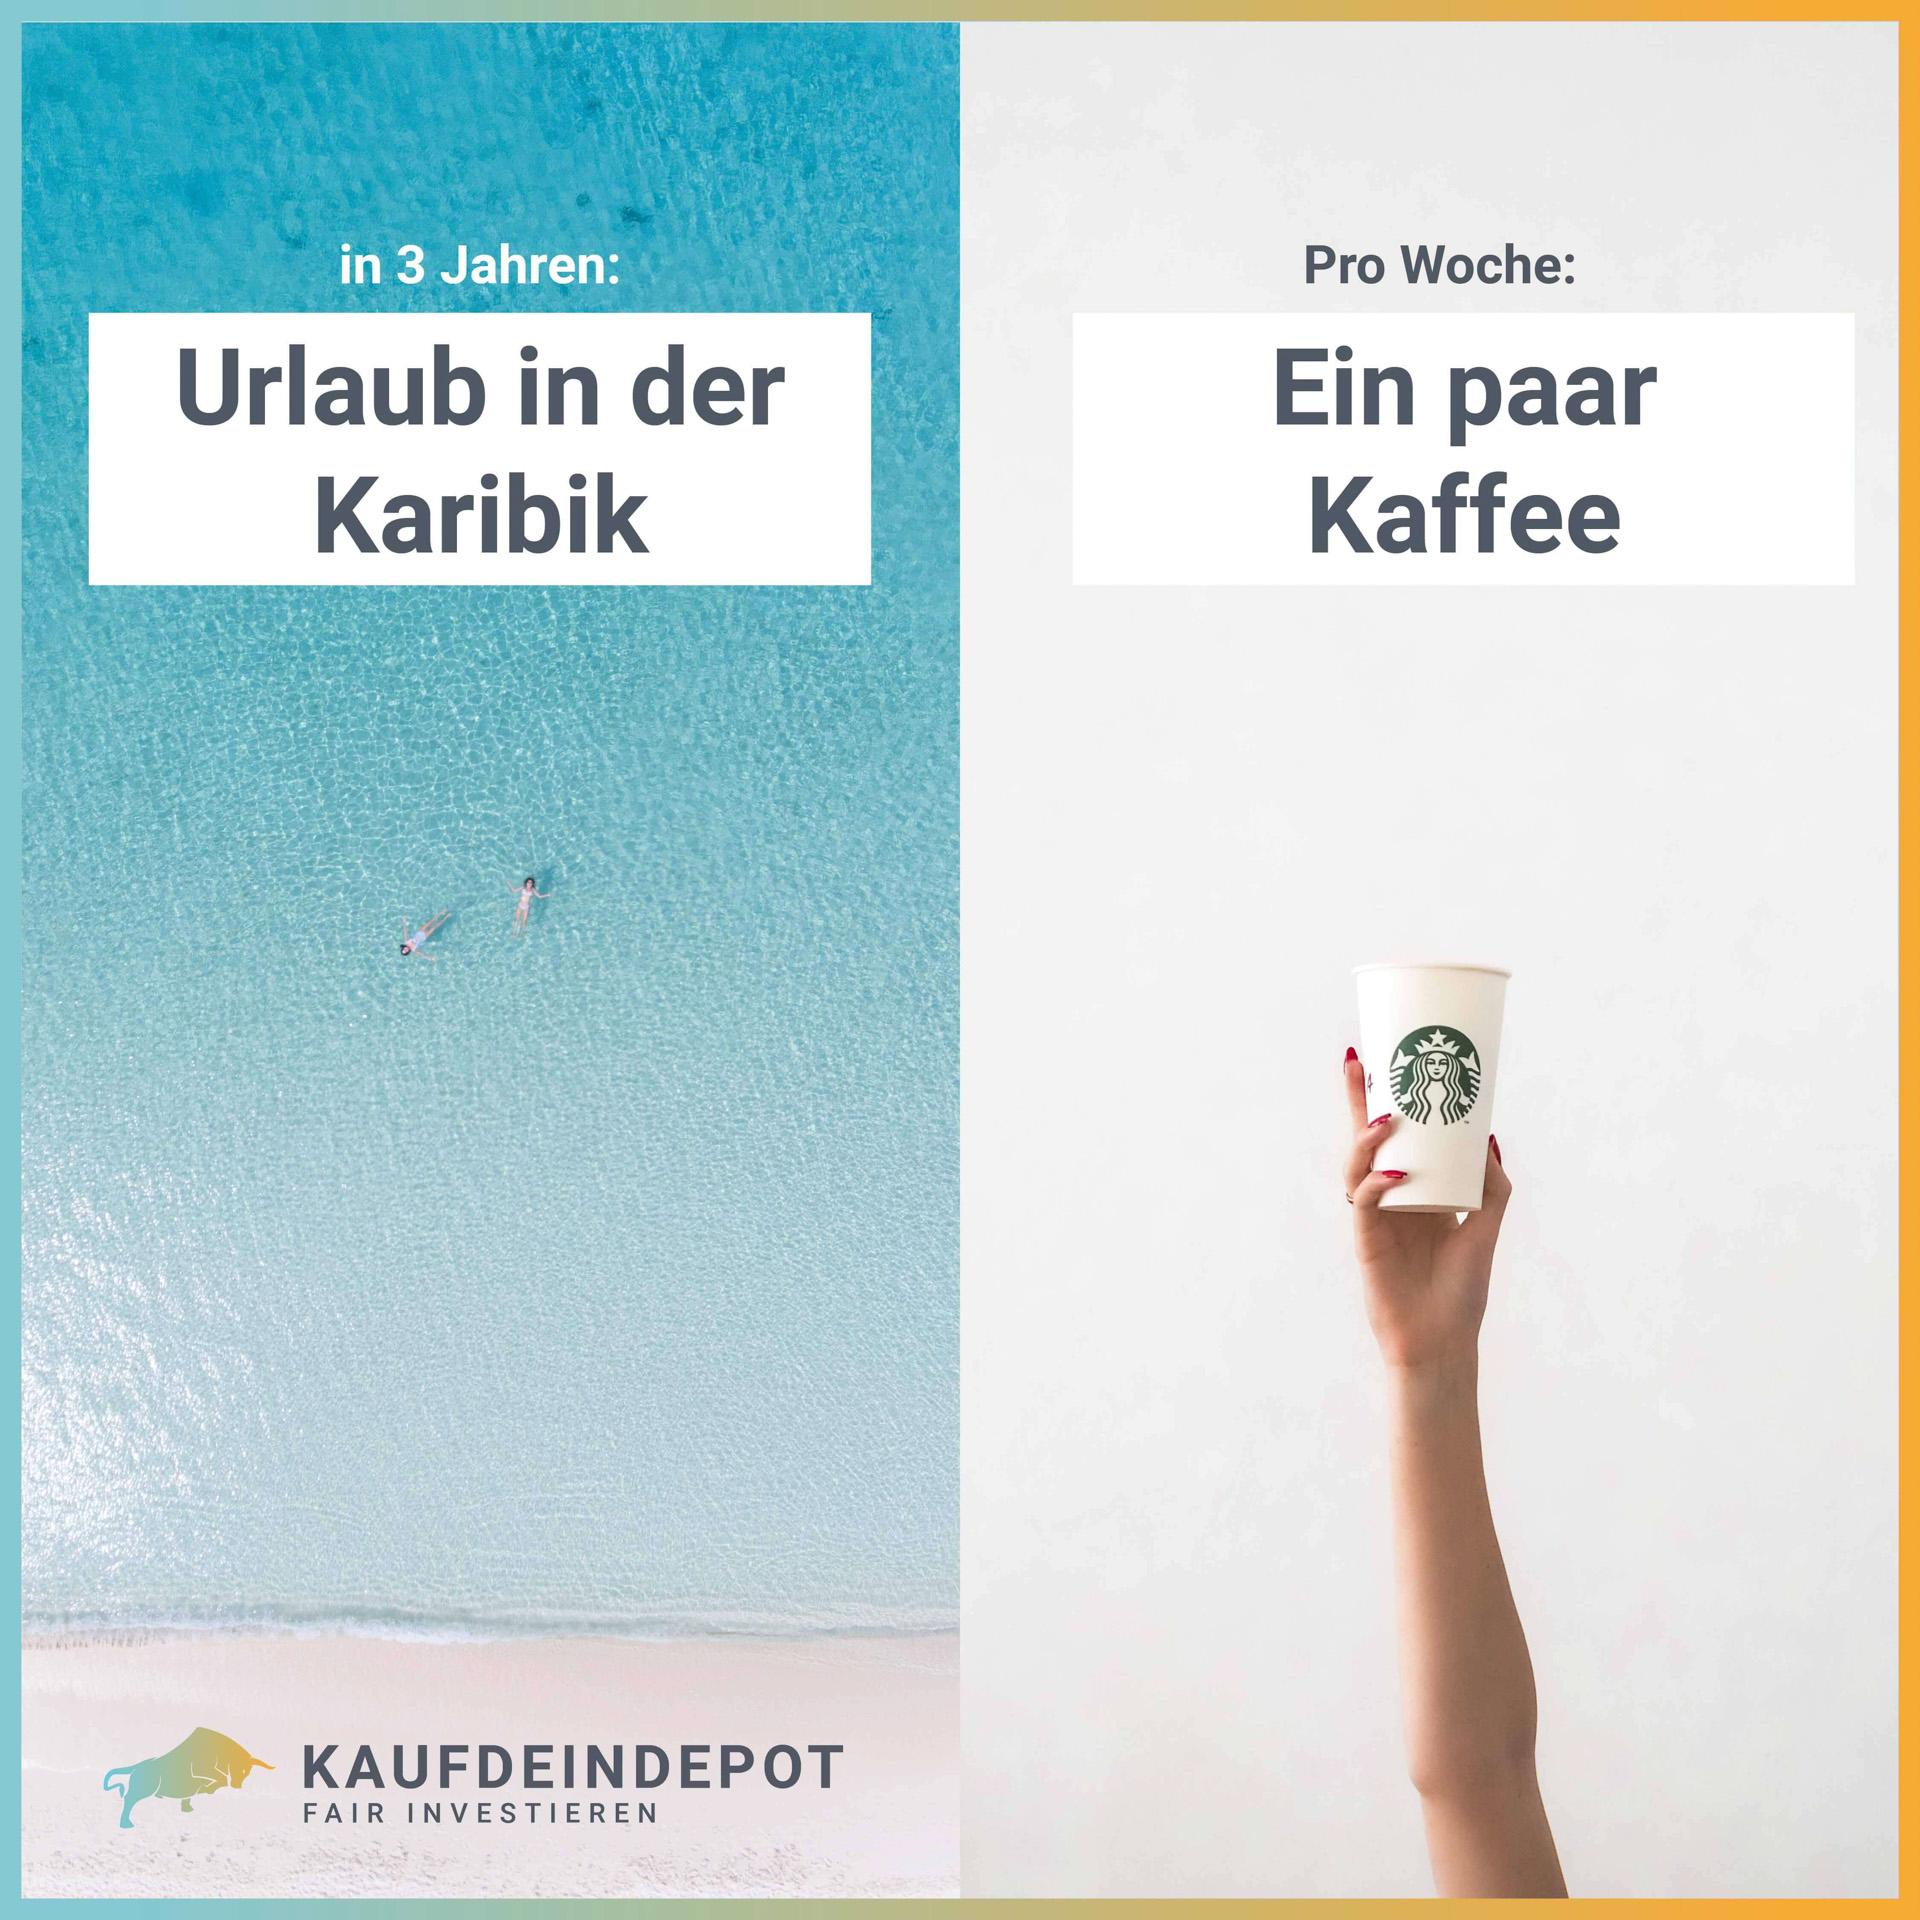 gniced-daniel gross-pfaffenhofen-grafikdesign-print-druckprodukte-24